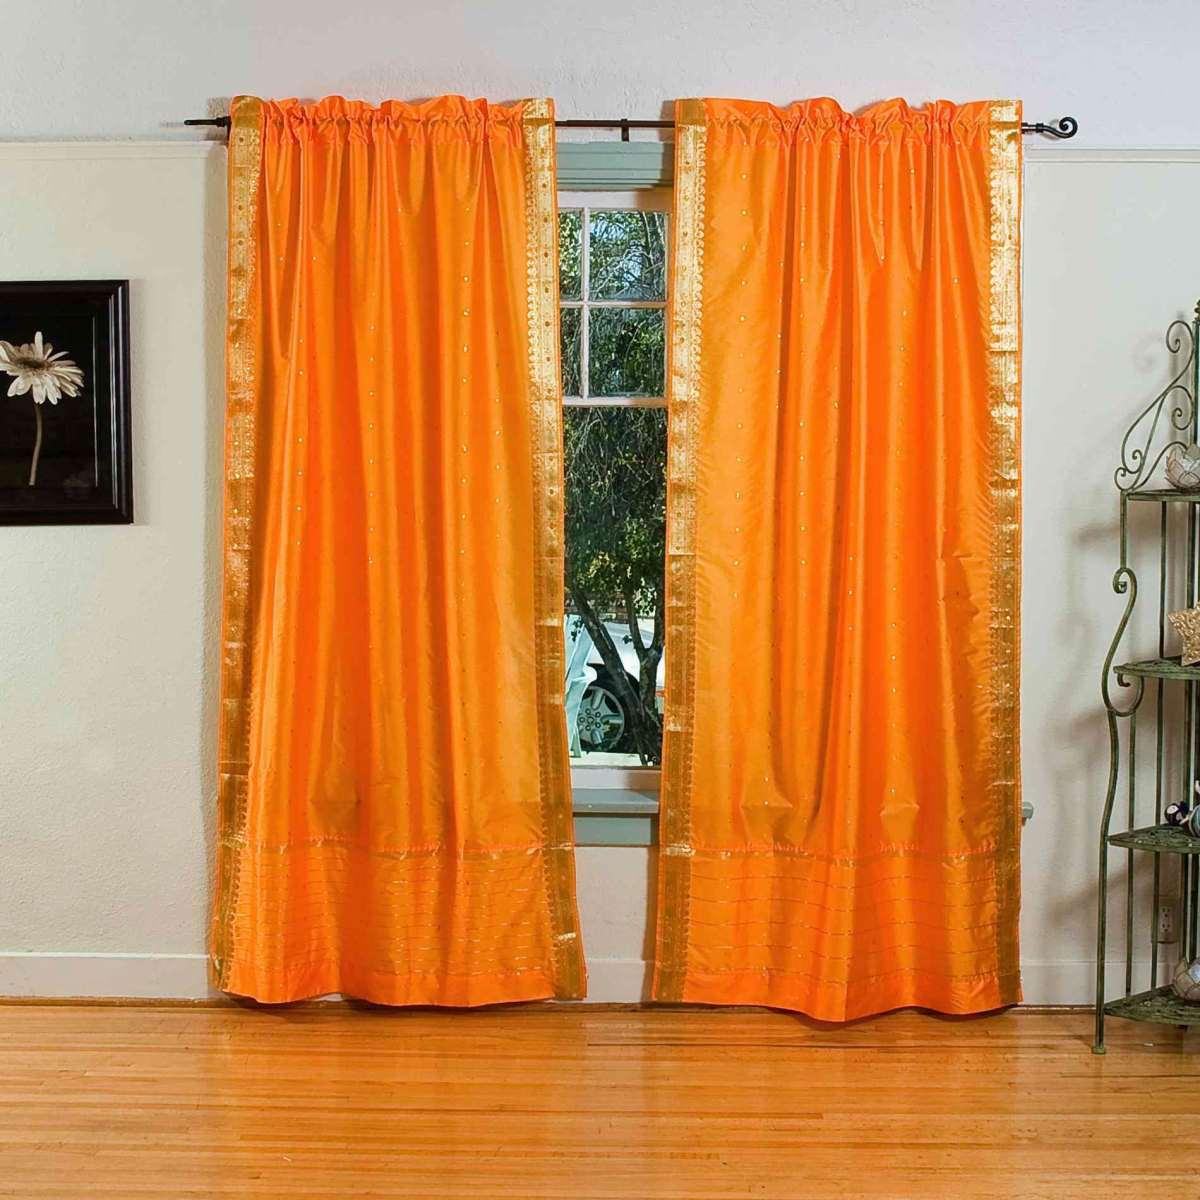 Lined-Pumpkin Rod Pocket  Sheer Sari Curtain  Drape  - 80W x 63L - Piece